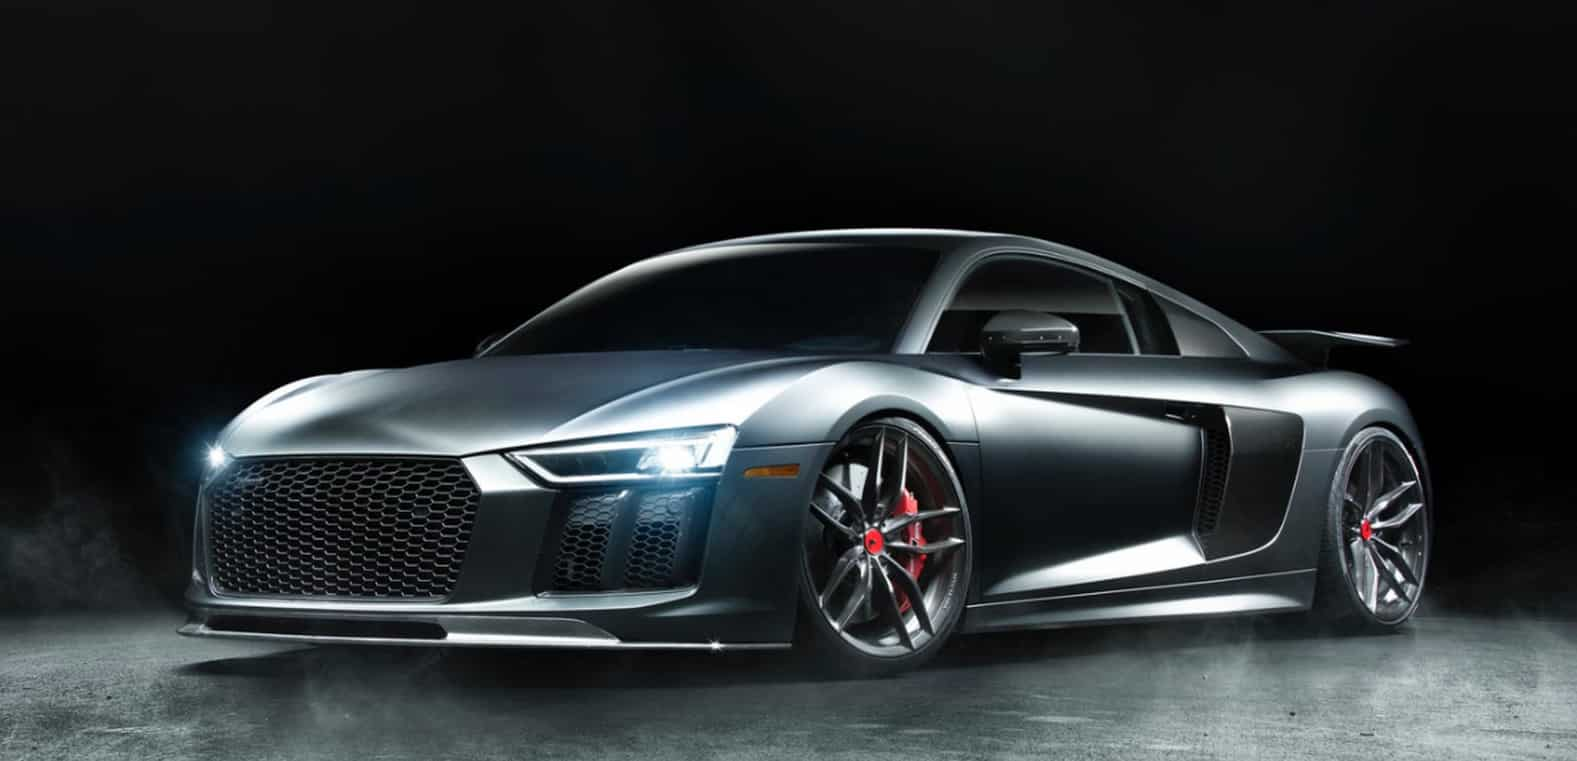 Vorsteiner se ha puesto manos a la obra con el nuevo Audi R8 ¿El resultado? Espectacular…